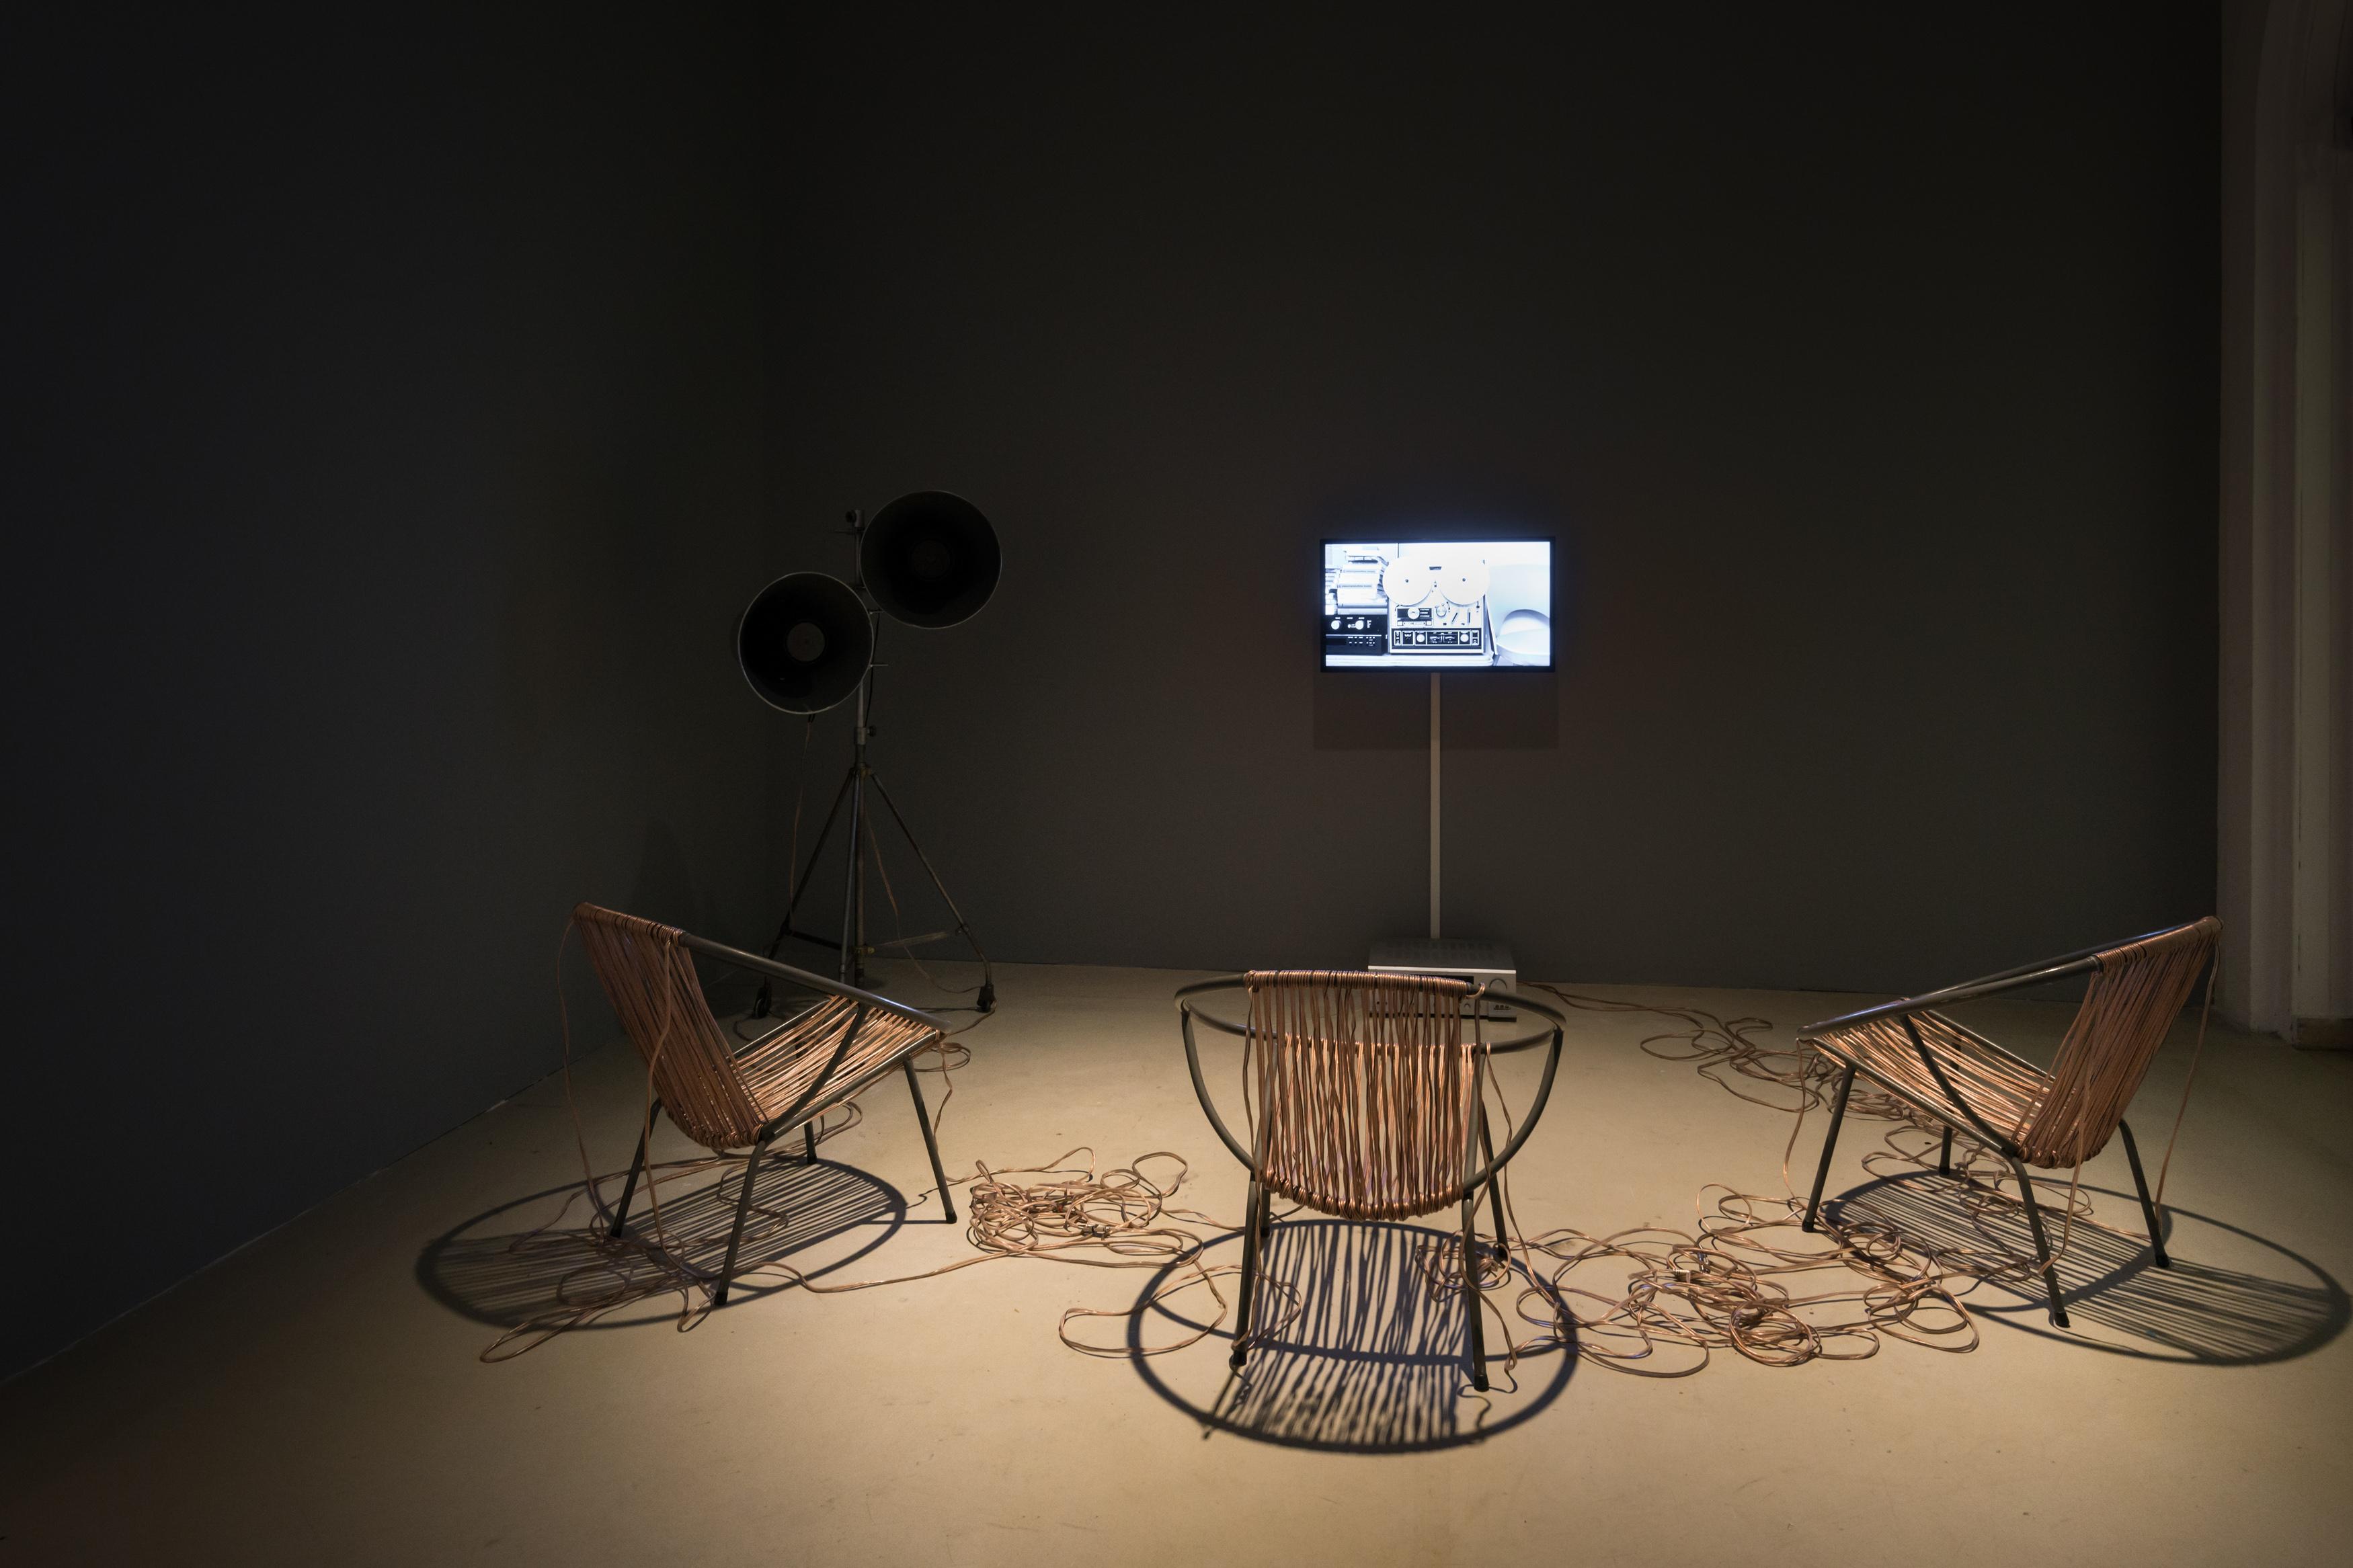 Leszek Knaflewski, Sit Down and Fight, 2013, obiekt, wideo